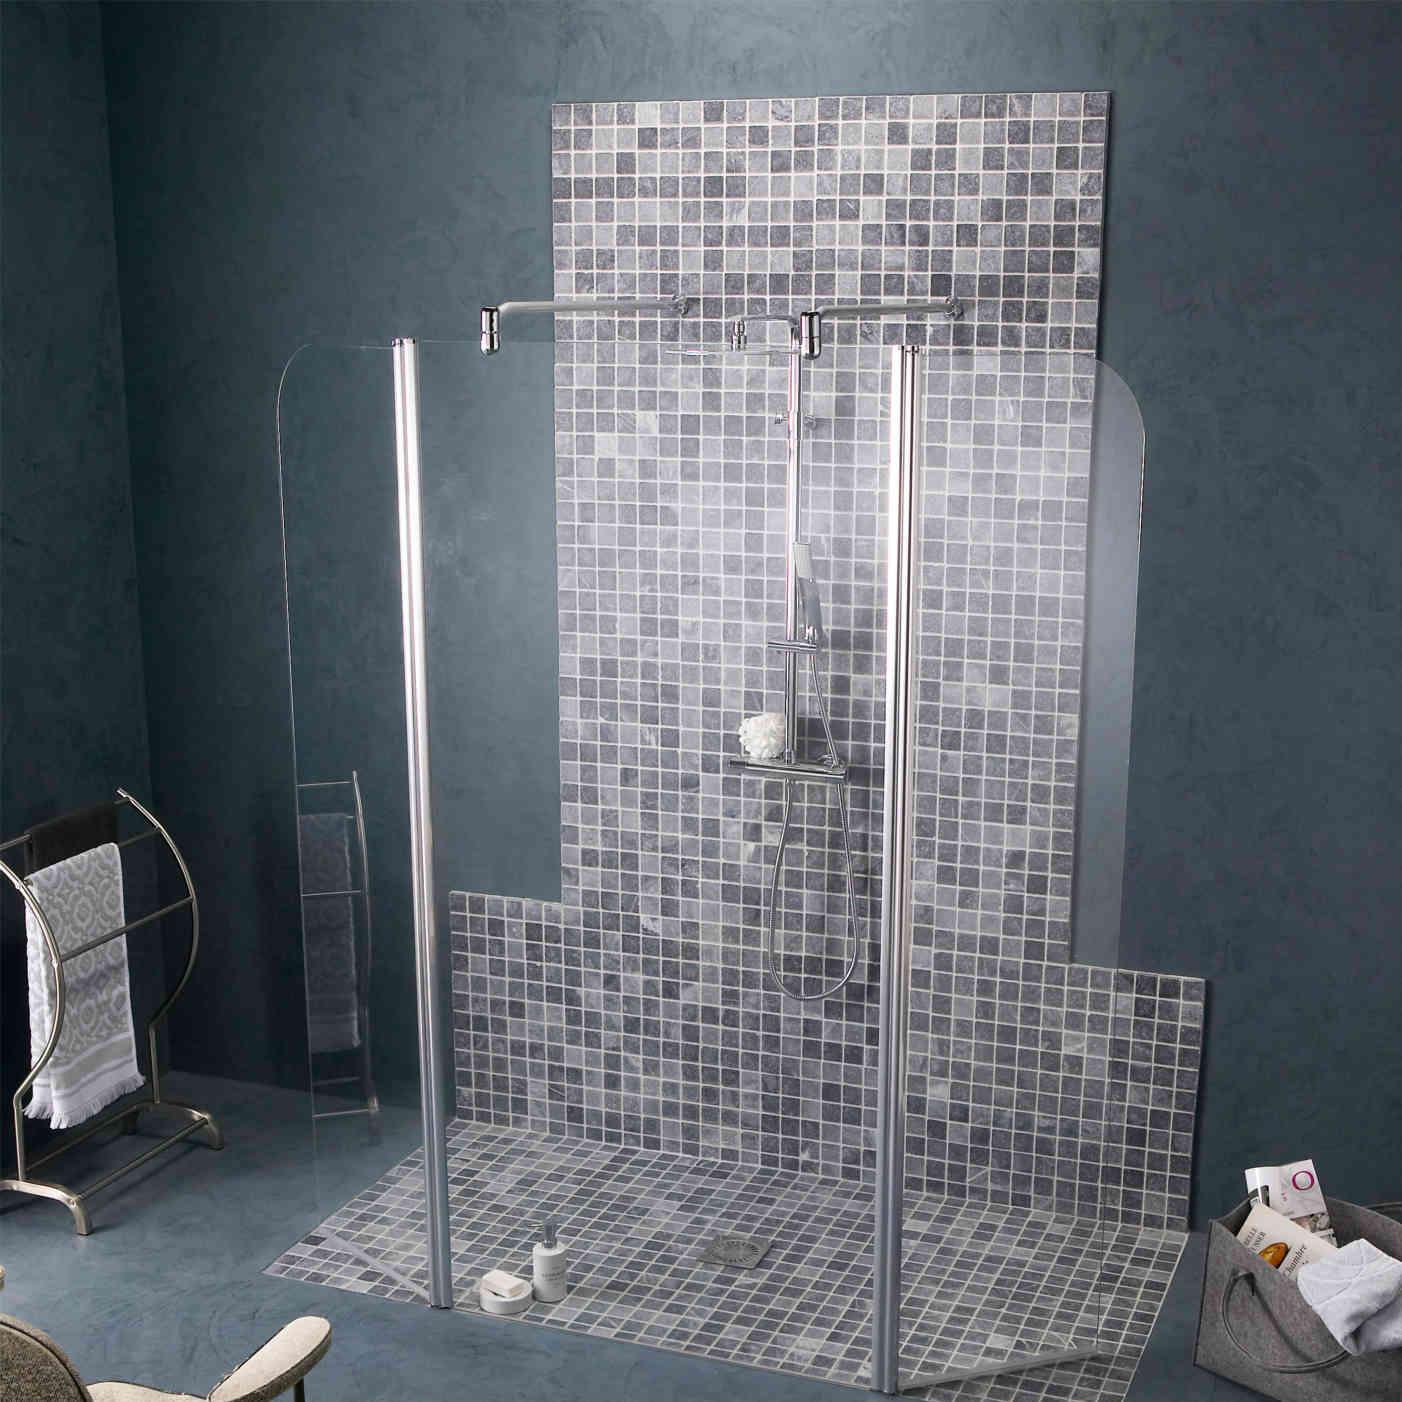 monter une paroi de douche leroy merlin paroi douche. Black Bedroom Furniture Sets. Home Design Ideas